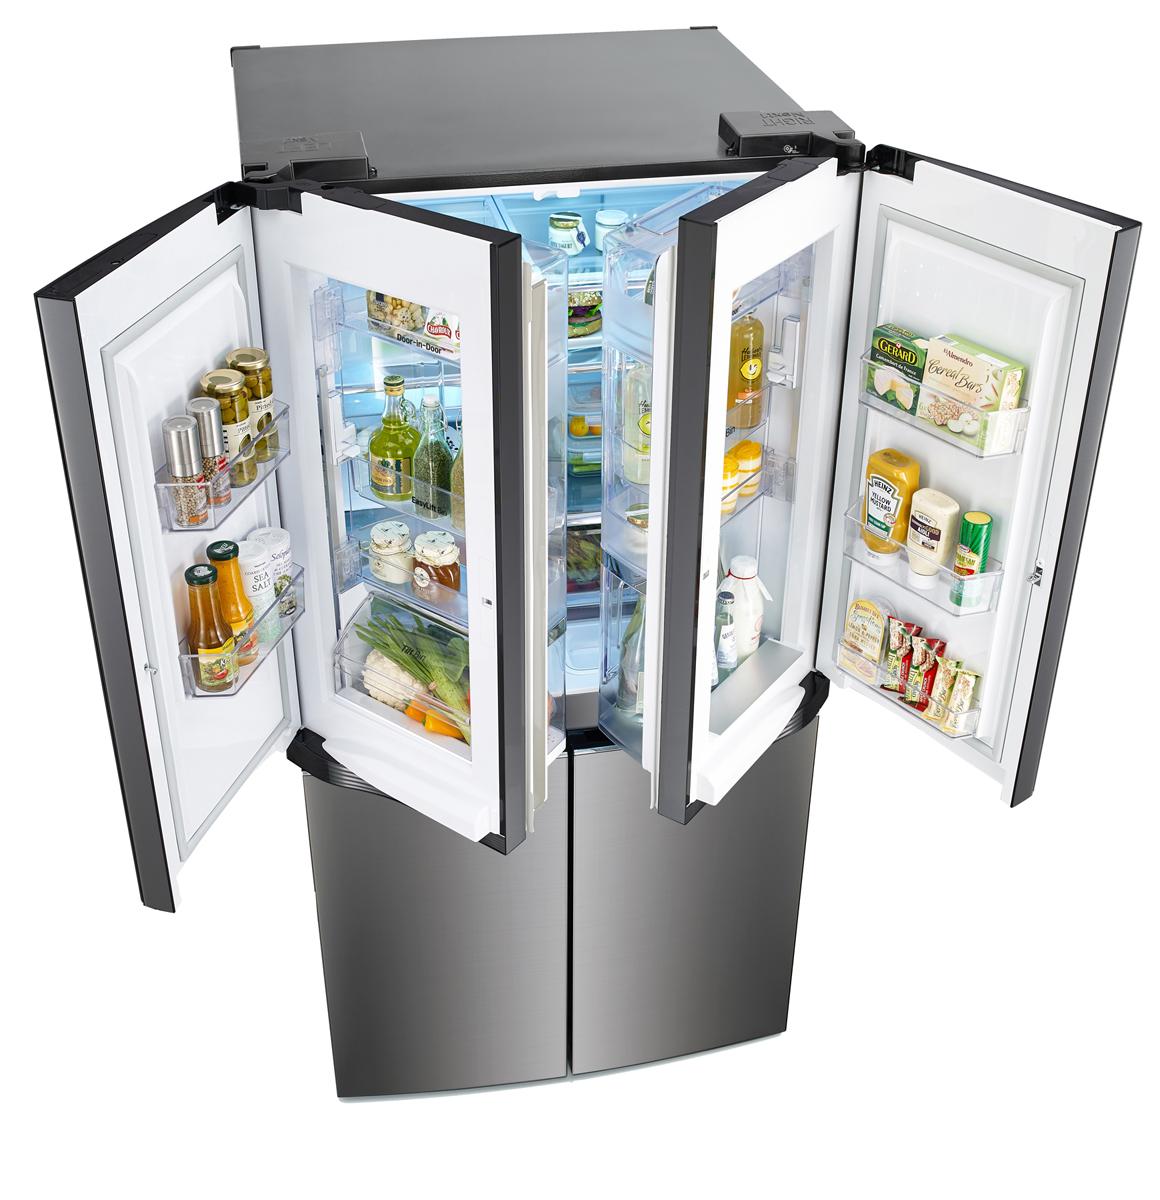 LG Inverter Dual Door-in-Door refrigerator